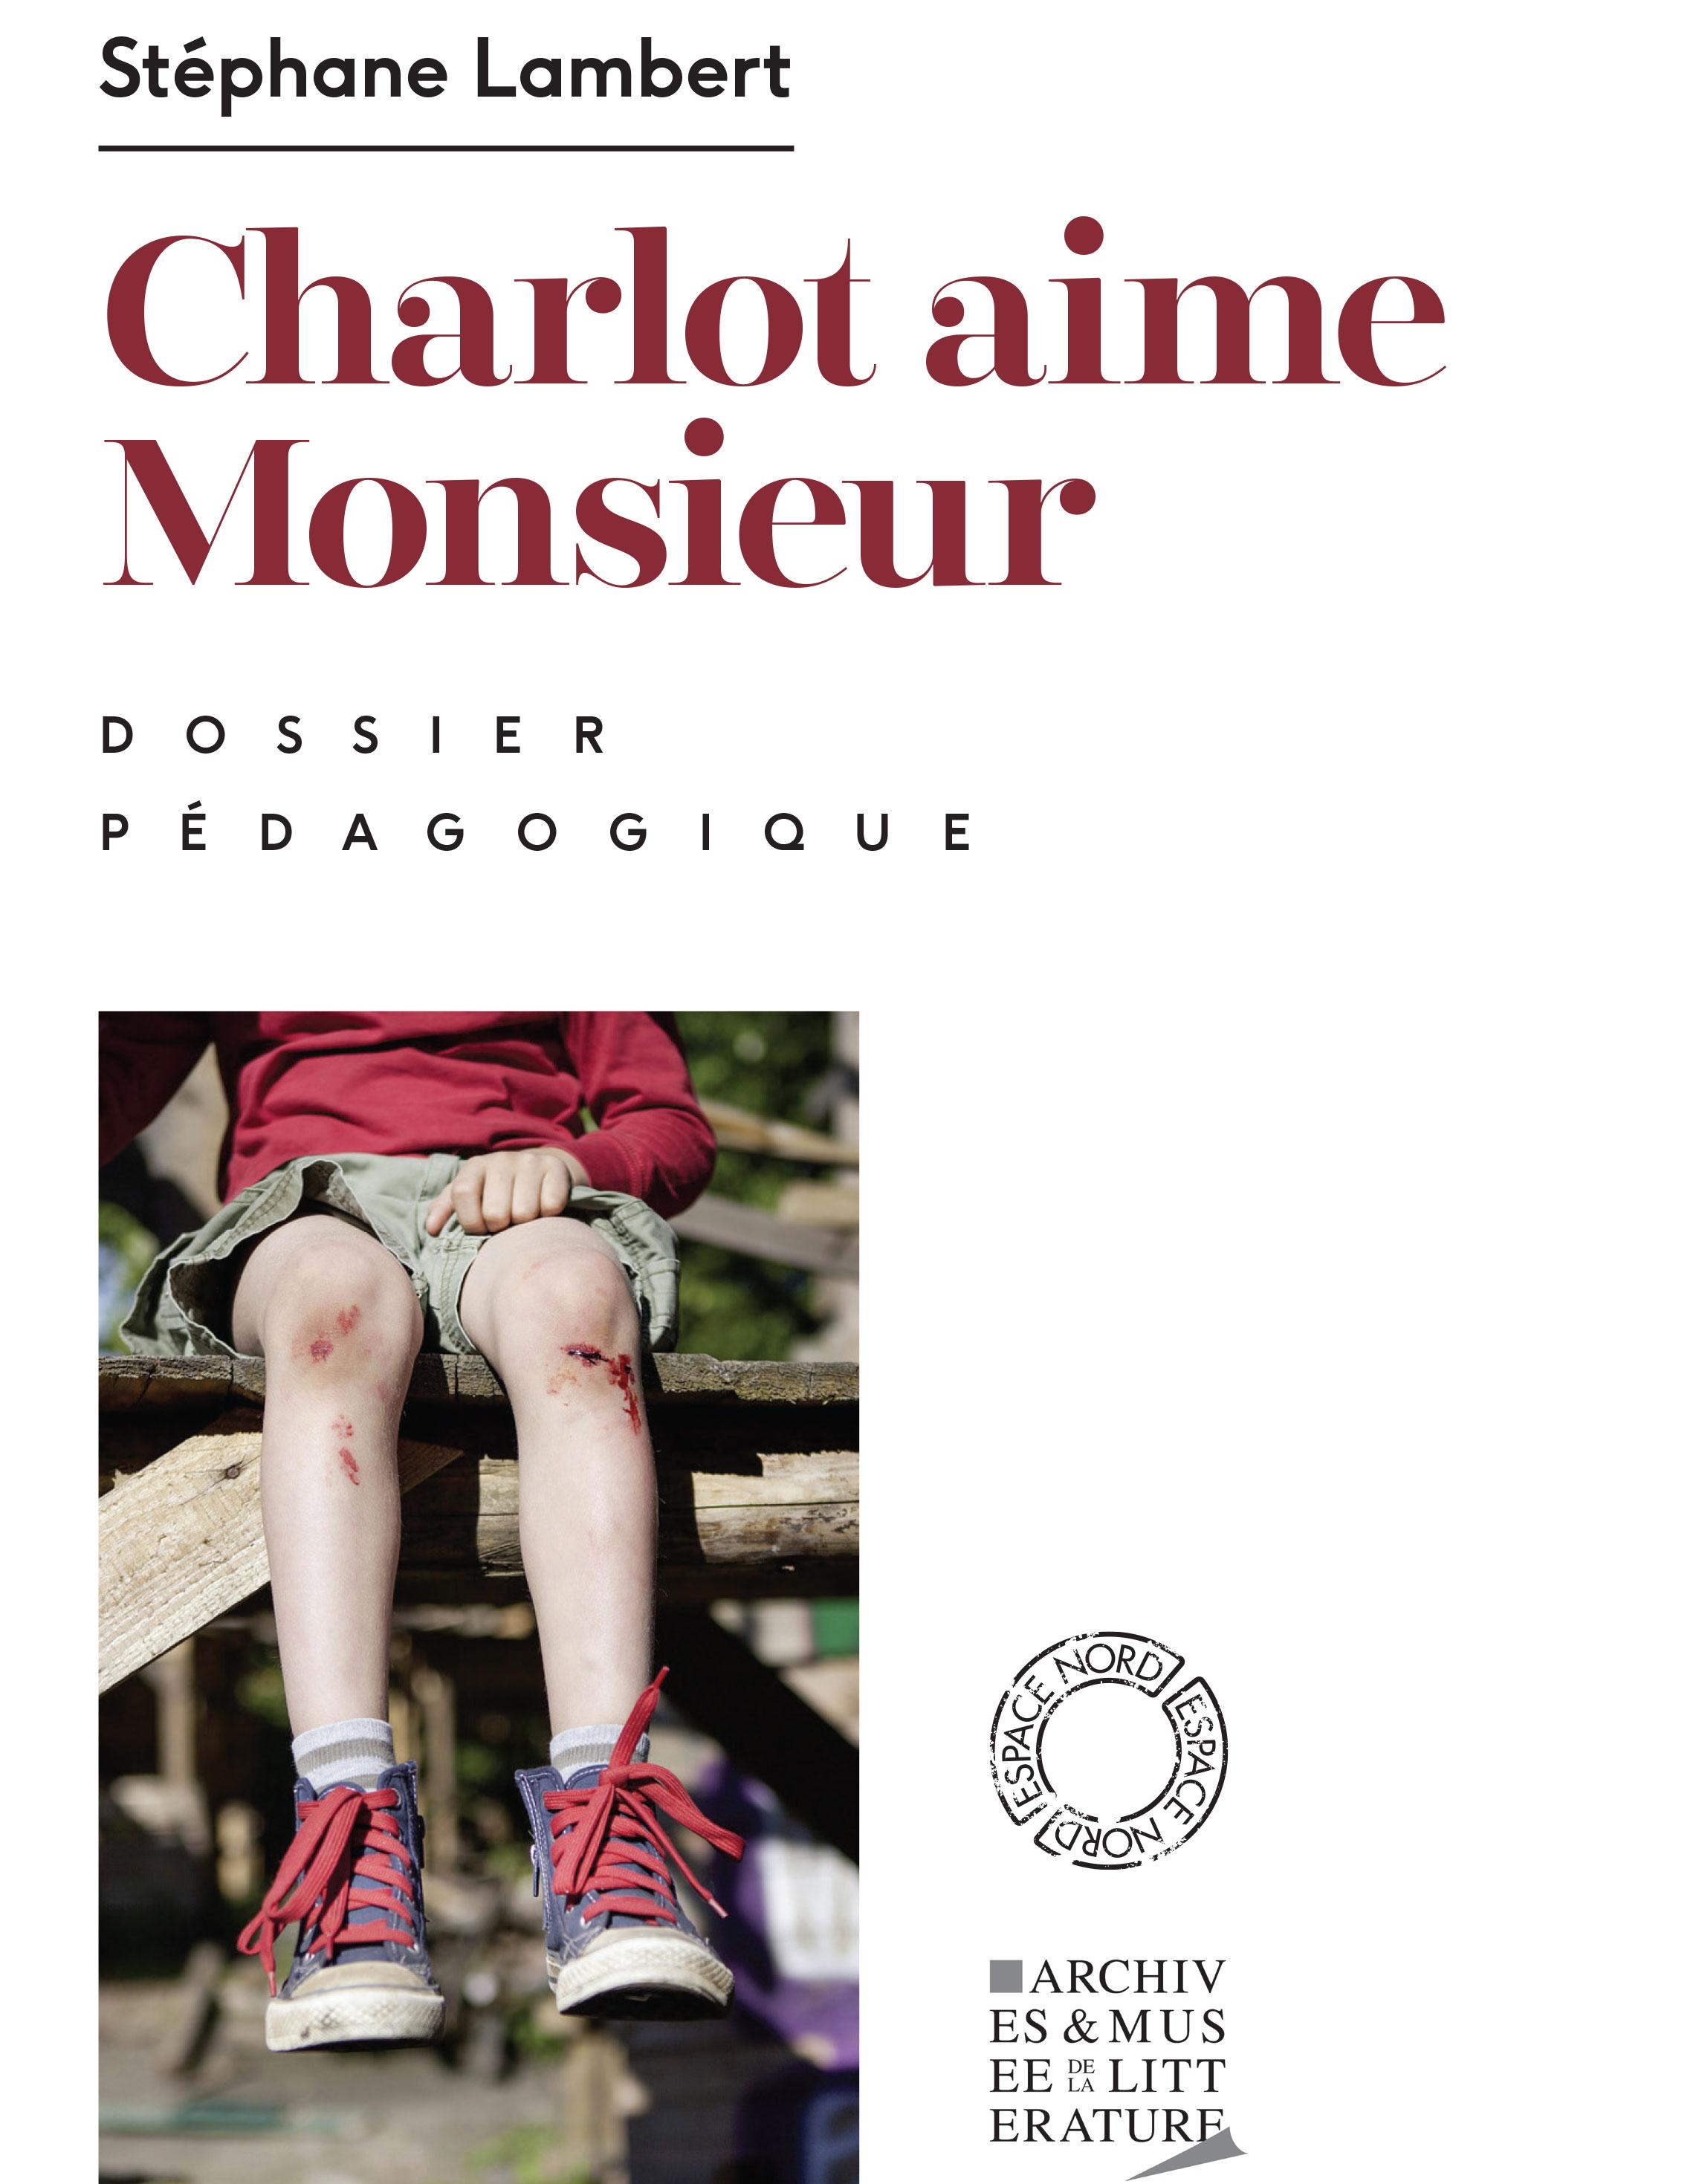 Dossier pédagogique : Charlot aime Monsieur